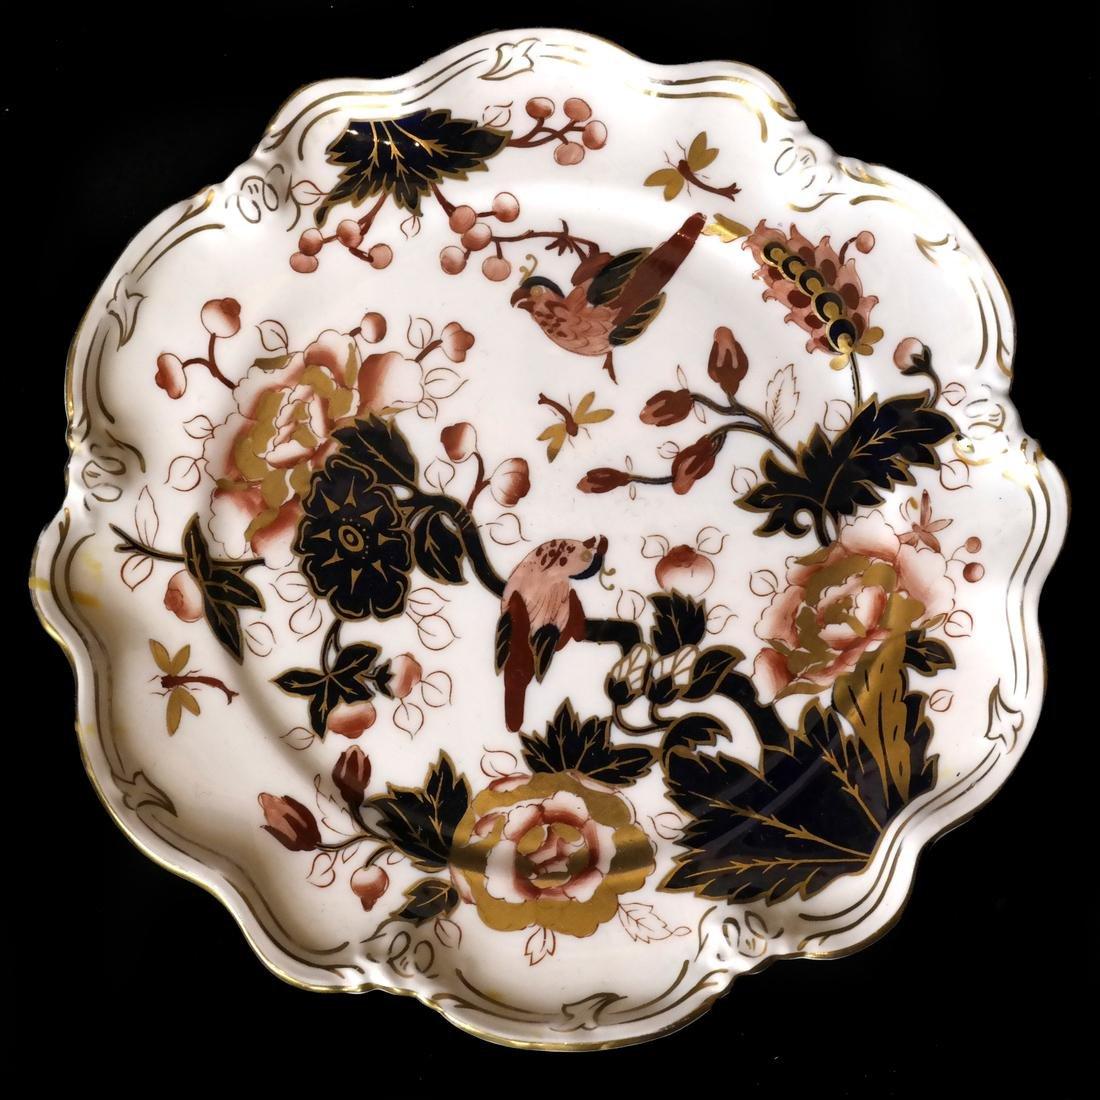 8 Coalport Porcelain Plates